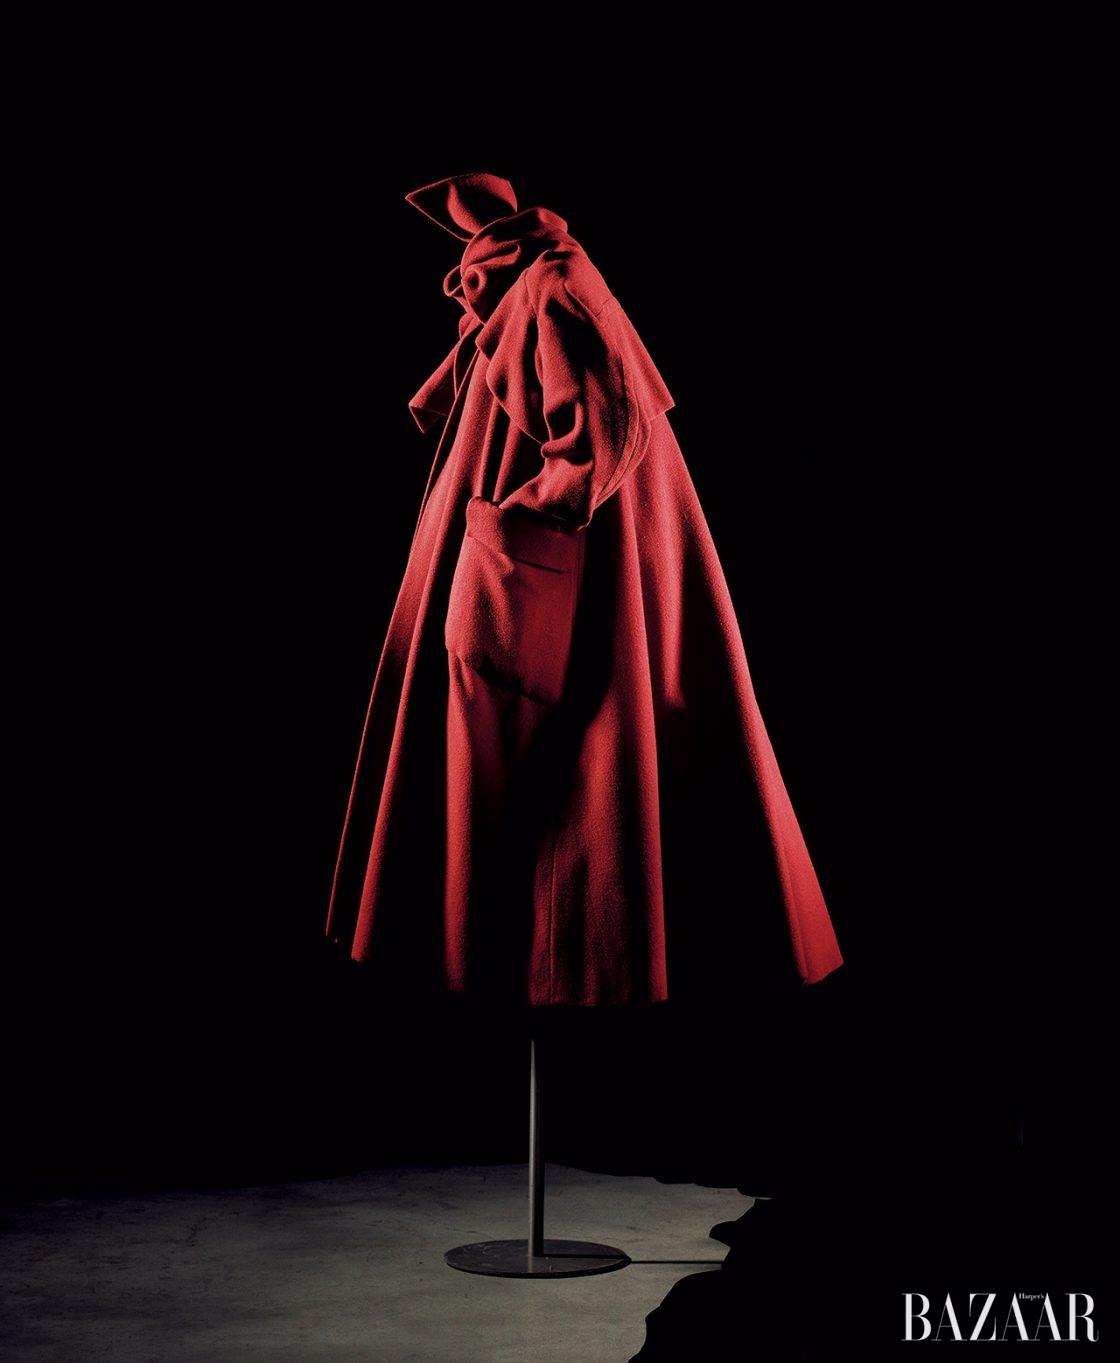 엠버 레드 울 소재의 여행용 코트 '애리조나(Arizona)', 1948 F/W 오트 쿠튀르 아일리(Ailee) 라인. 디올 헤리티지 컬렉션.